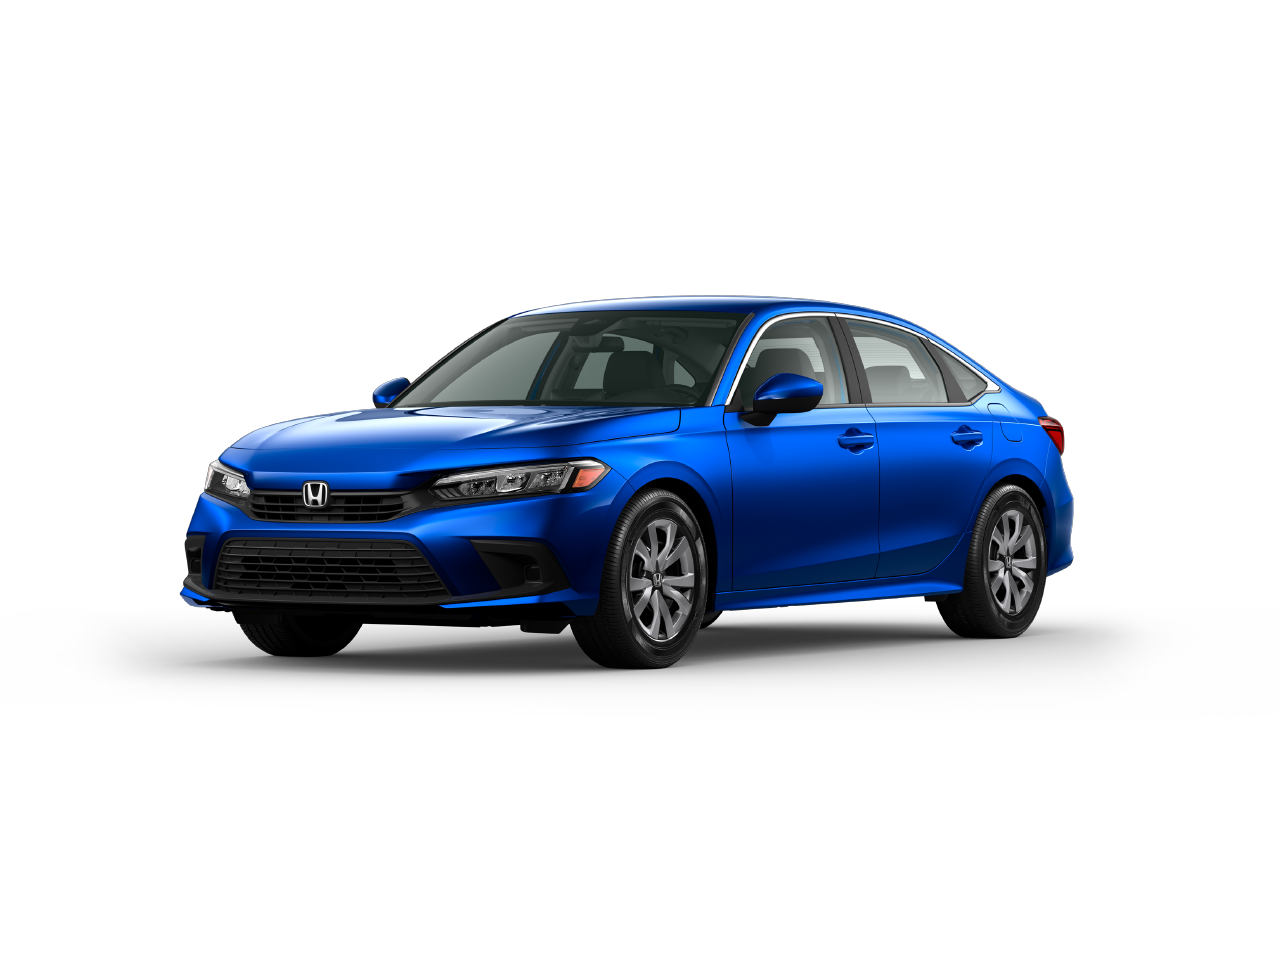 2022 Honda Civic LX2022 Honda Civic LX